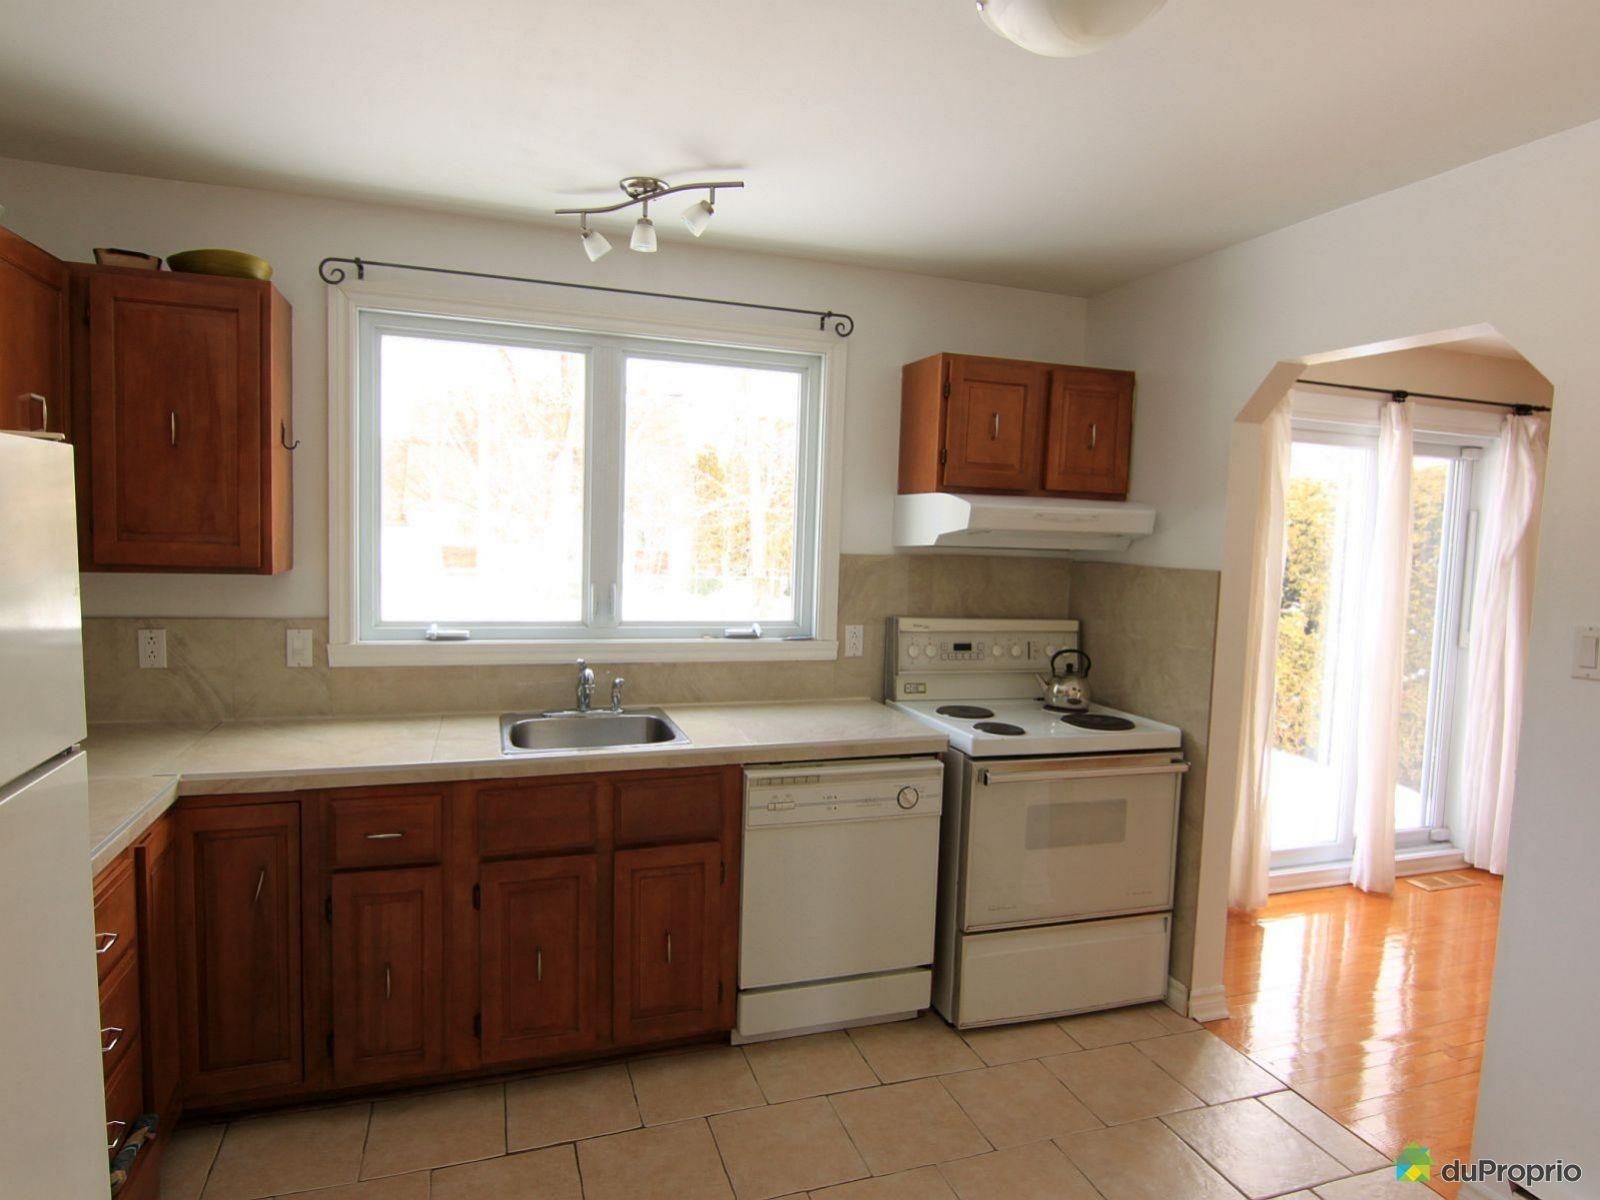 Maison vendre st bruno de montarville 2028 rue colbert for Ares cuisine st bruno